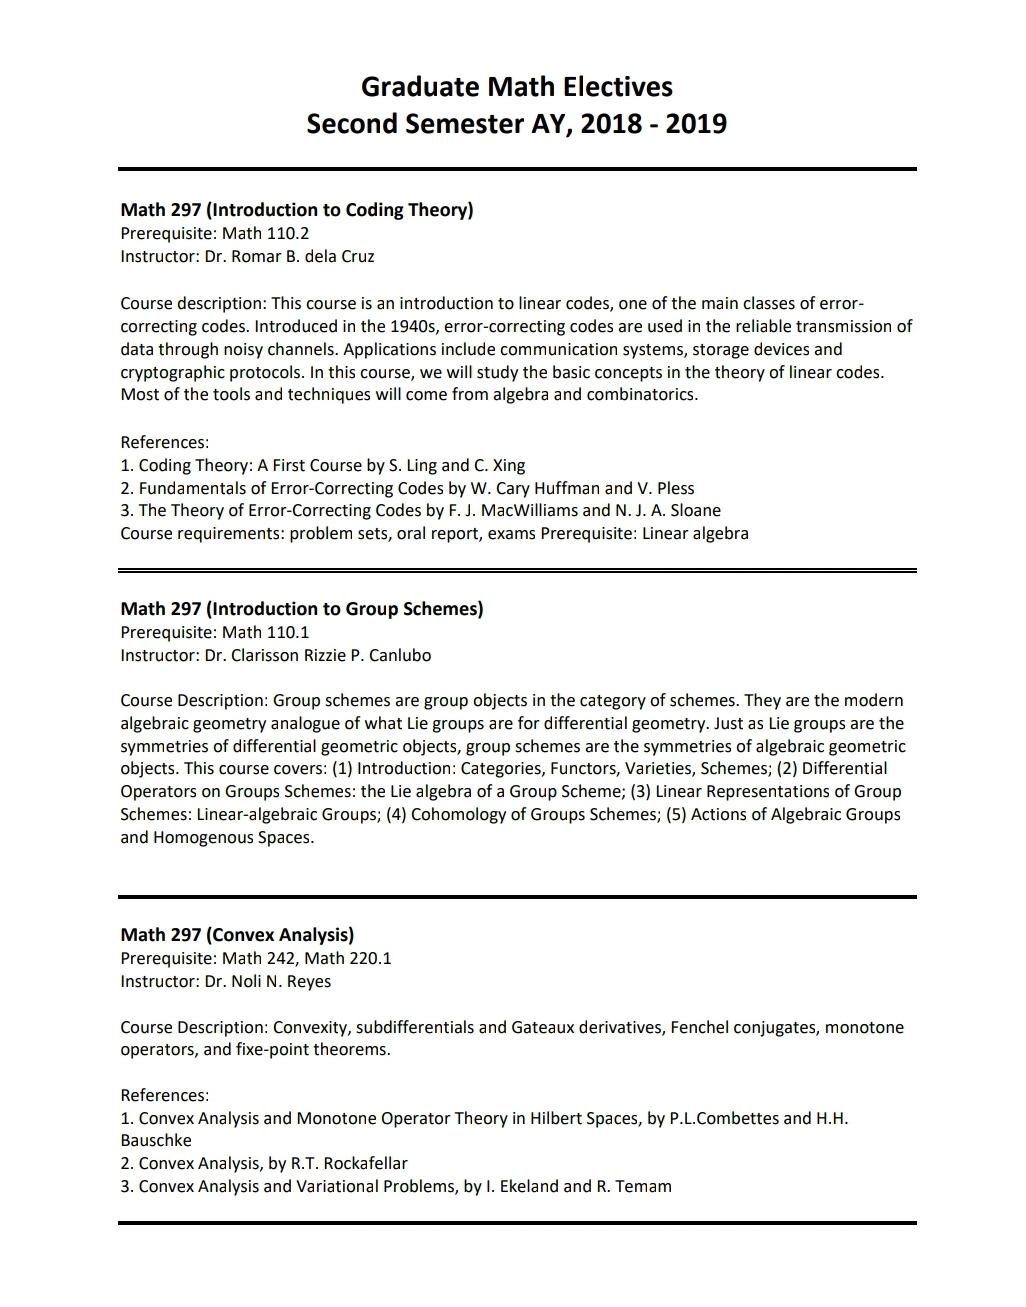 Graduate Math Elective | Institute of Mathematics